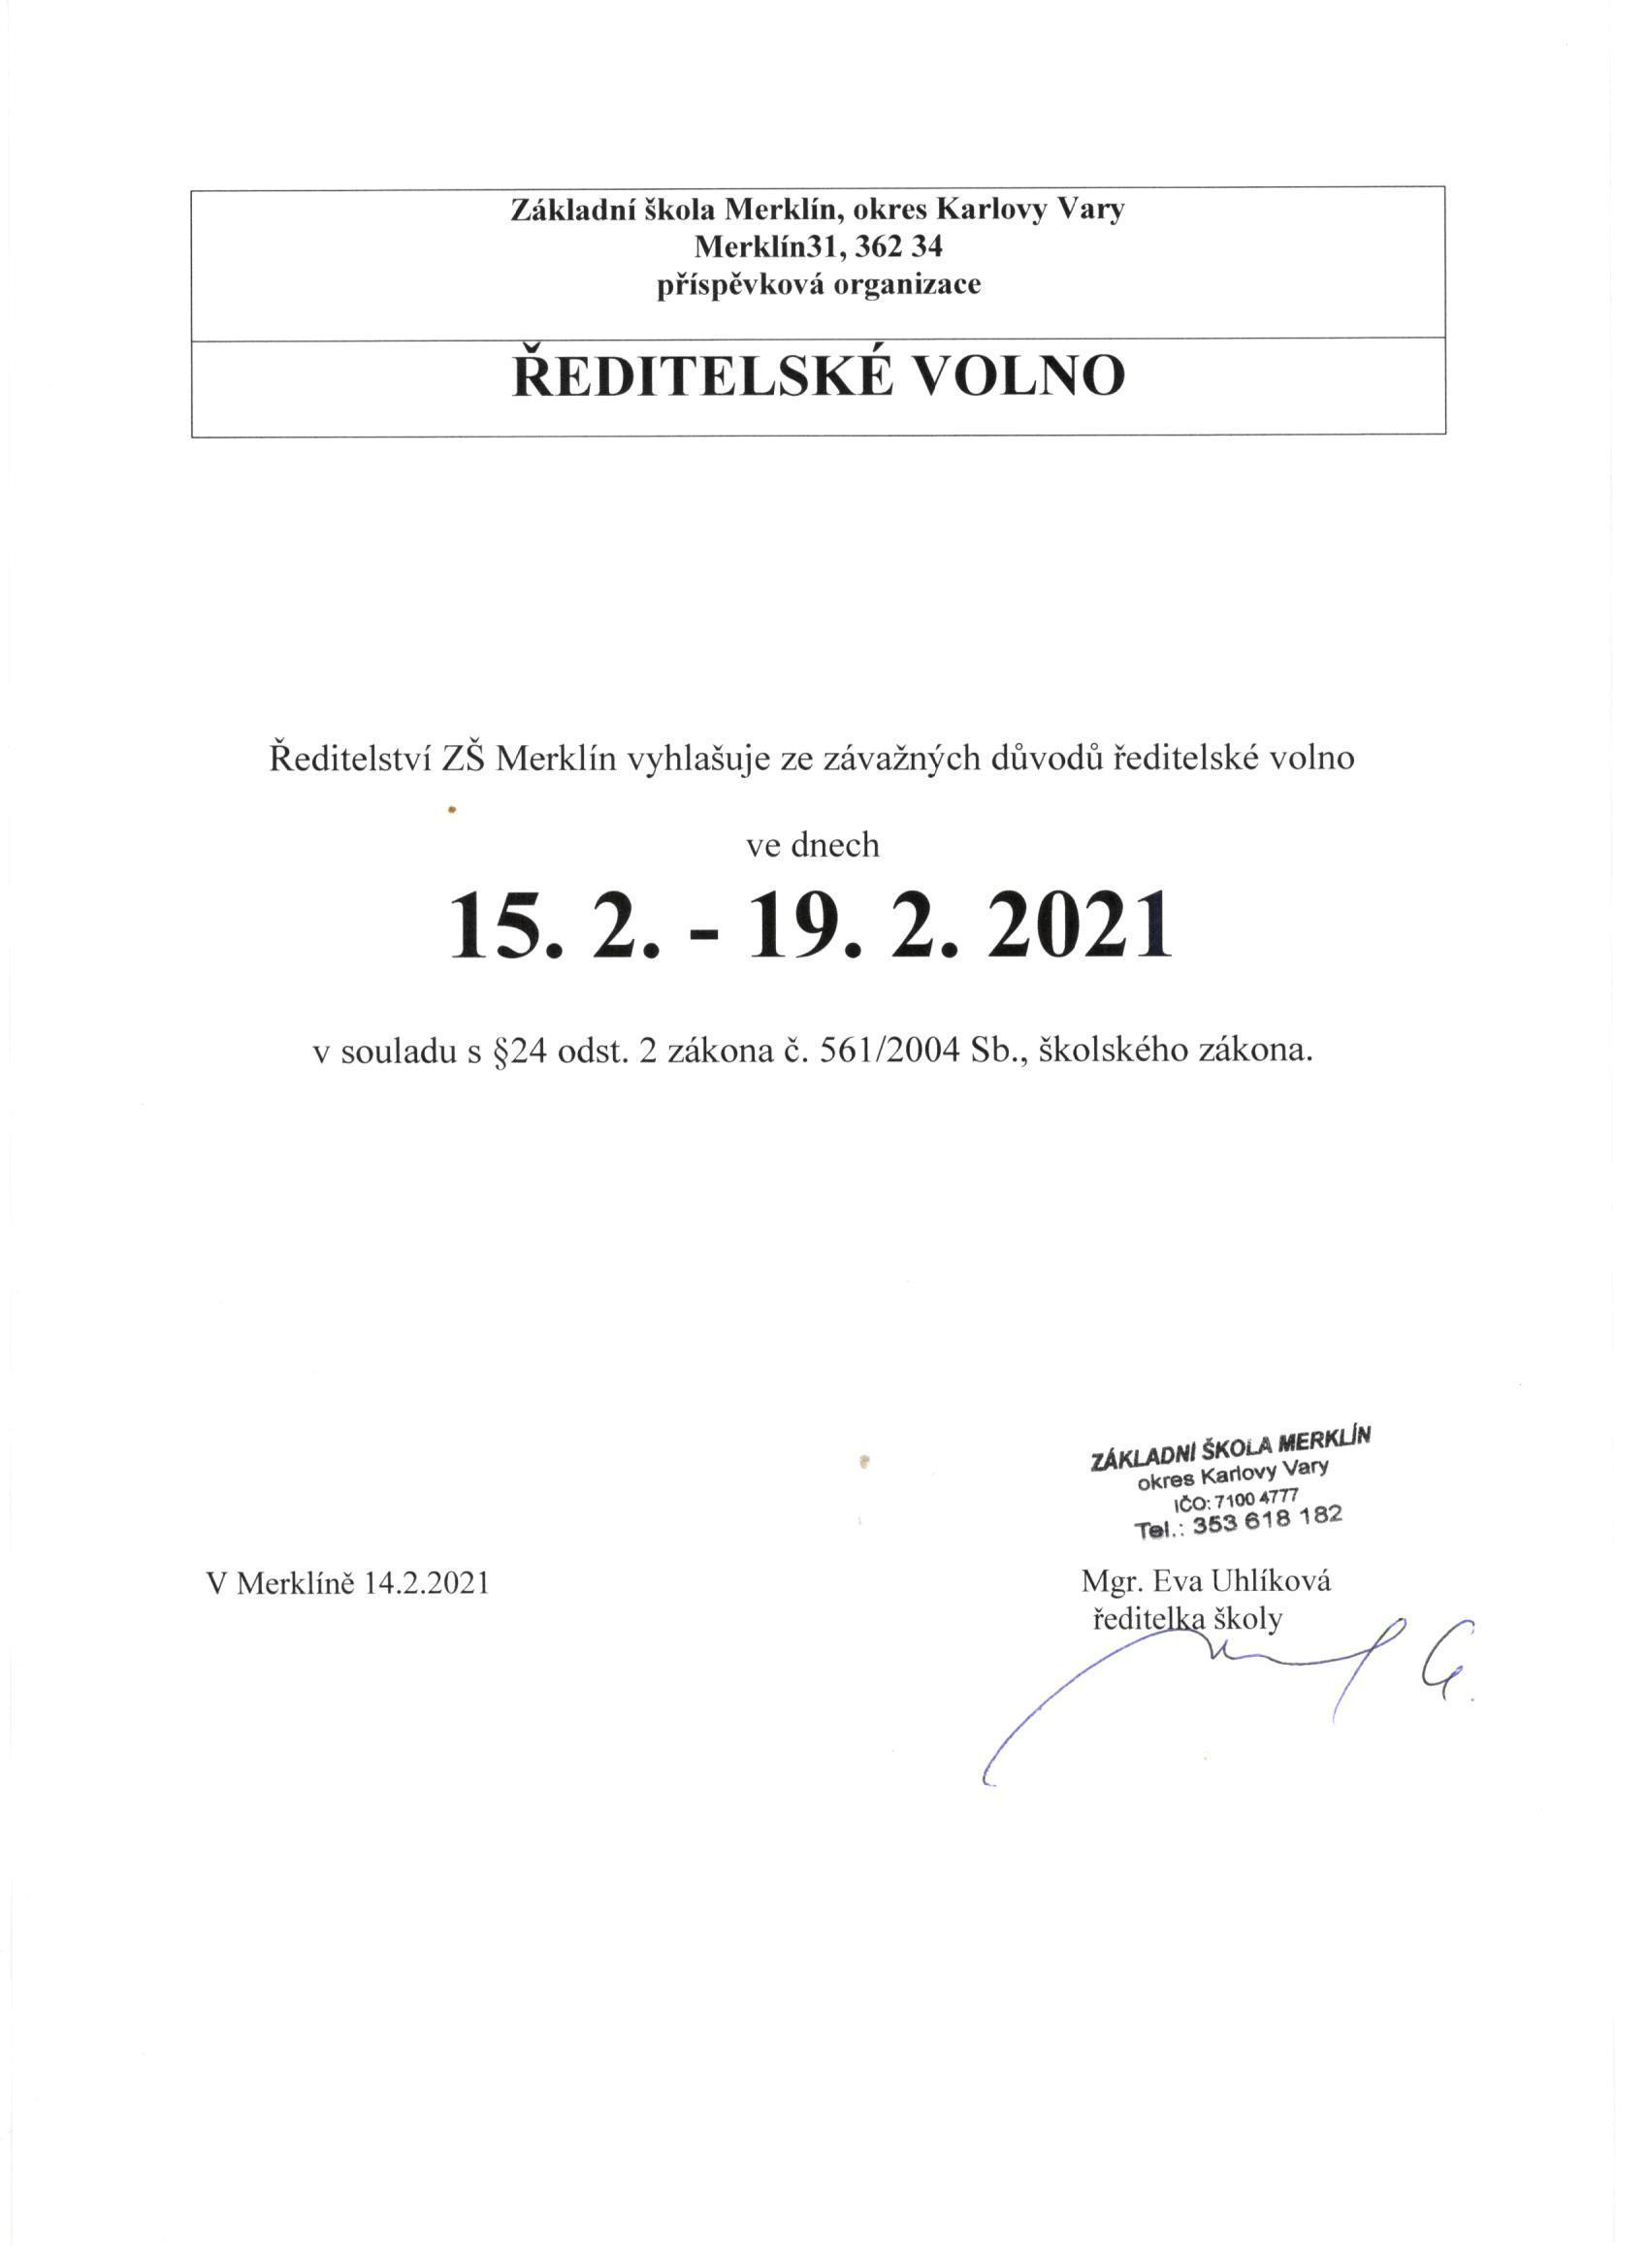 Ředitelské volno, 15. 2. 2021